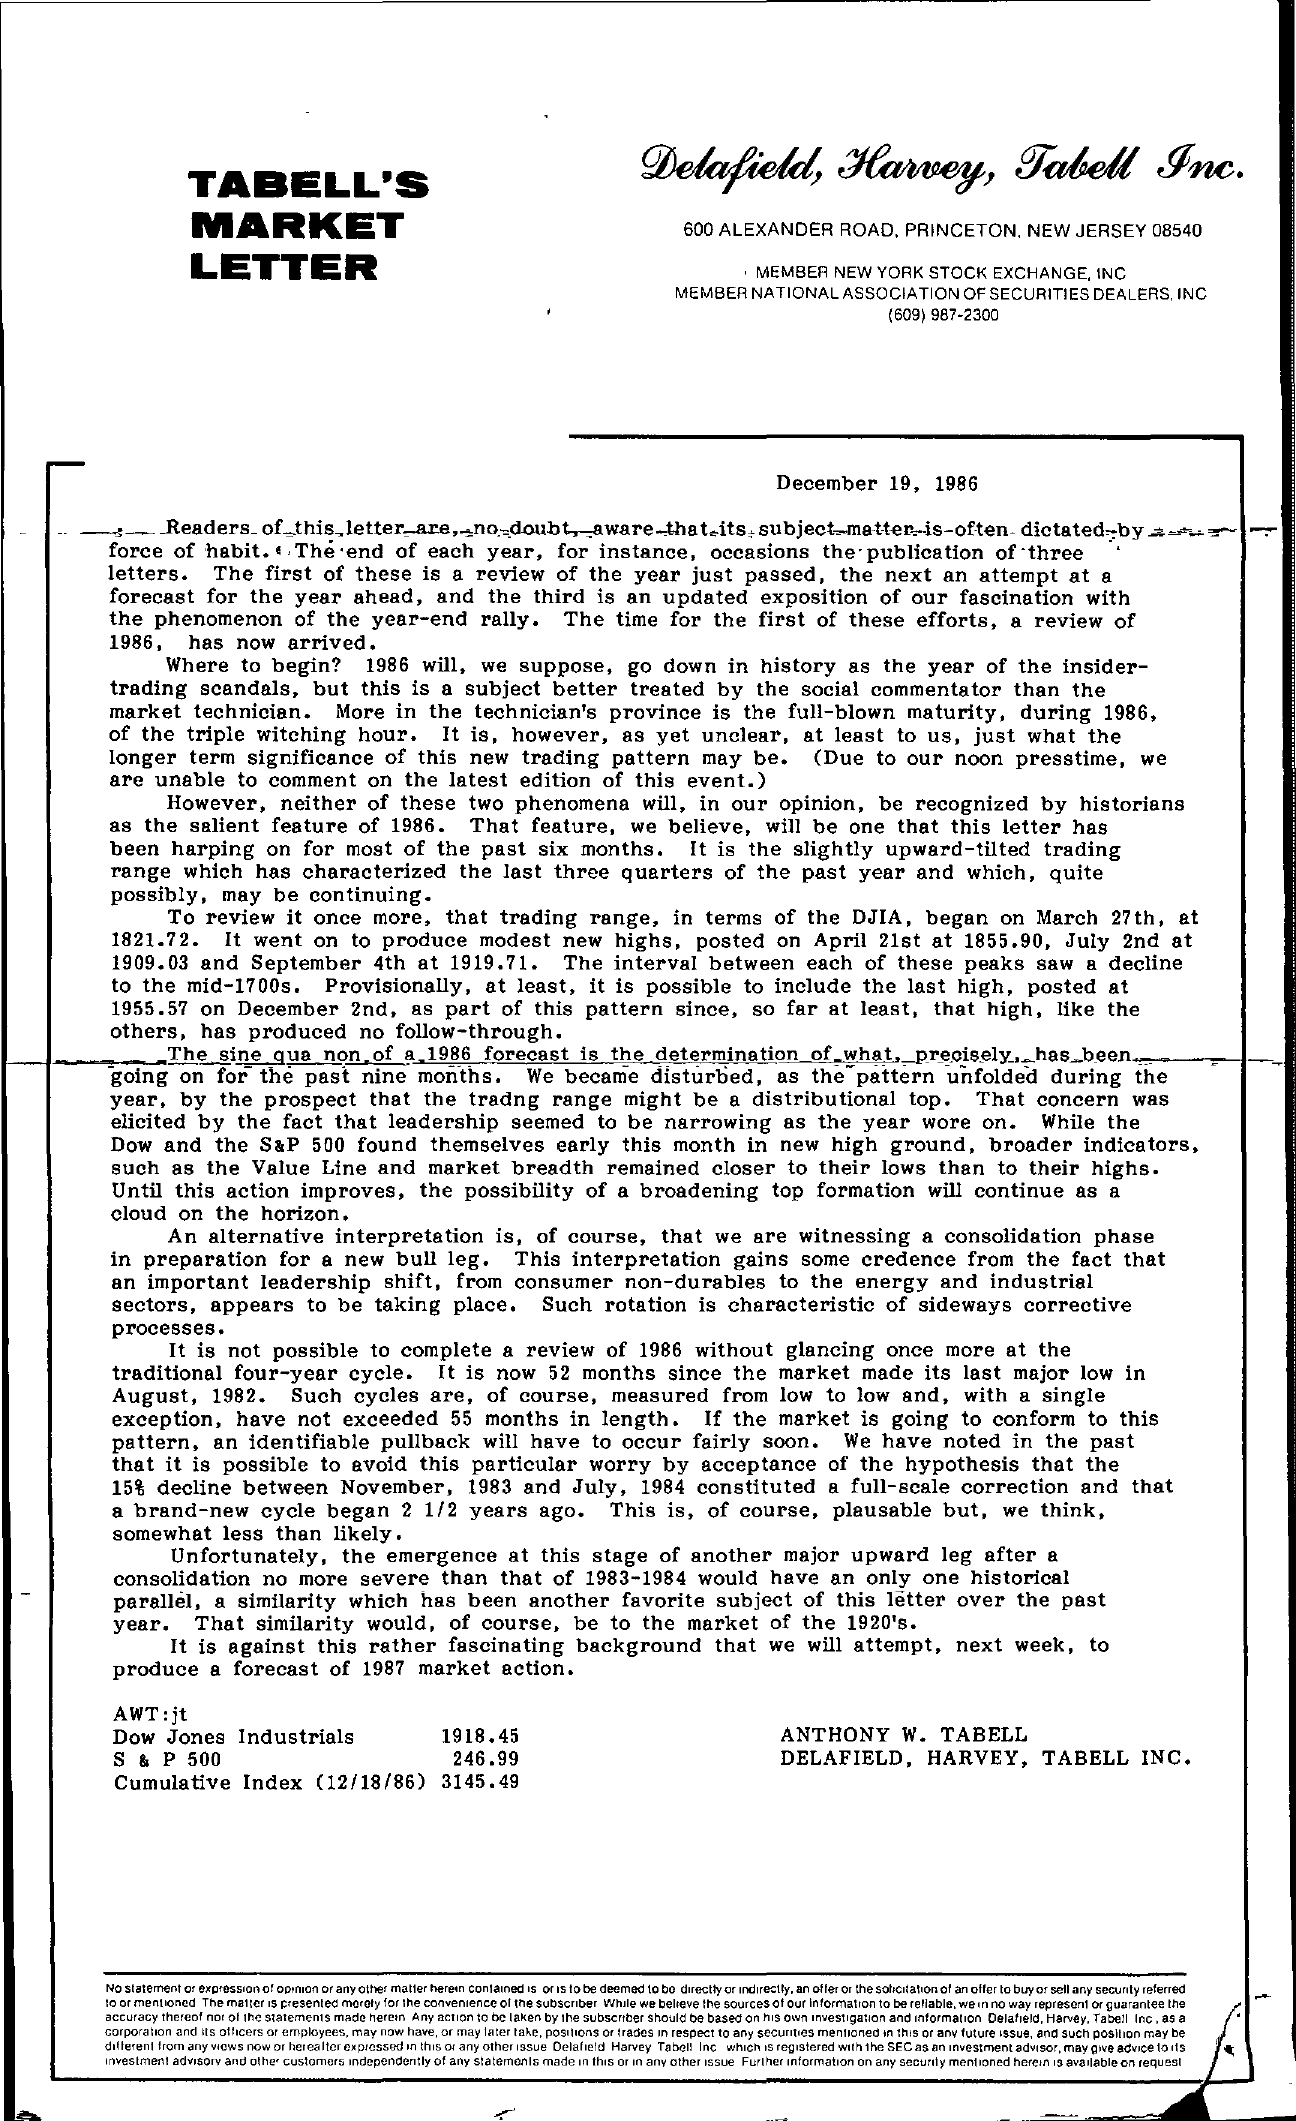 Tabell's Market Letter - December 19, 1986